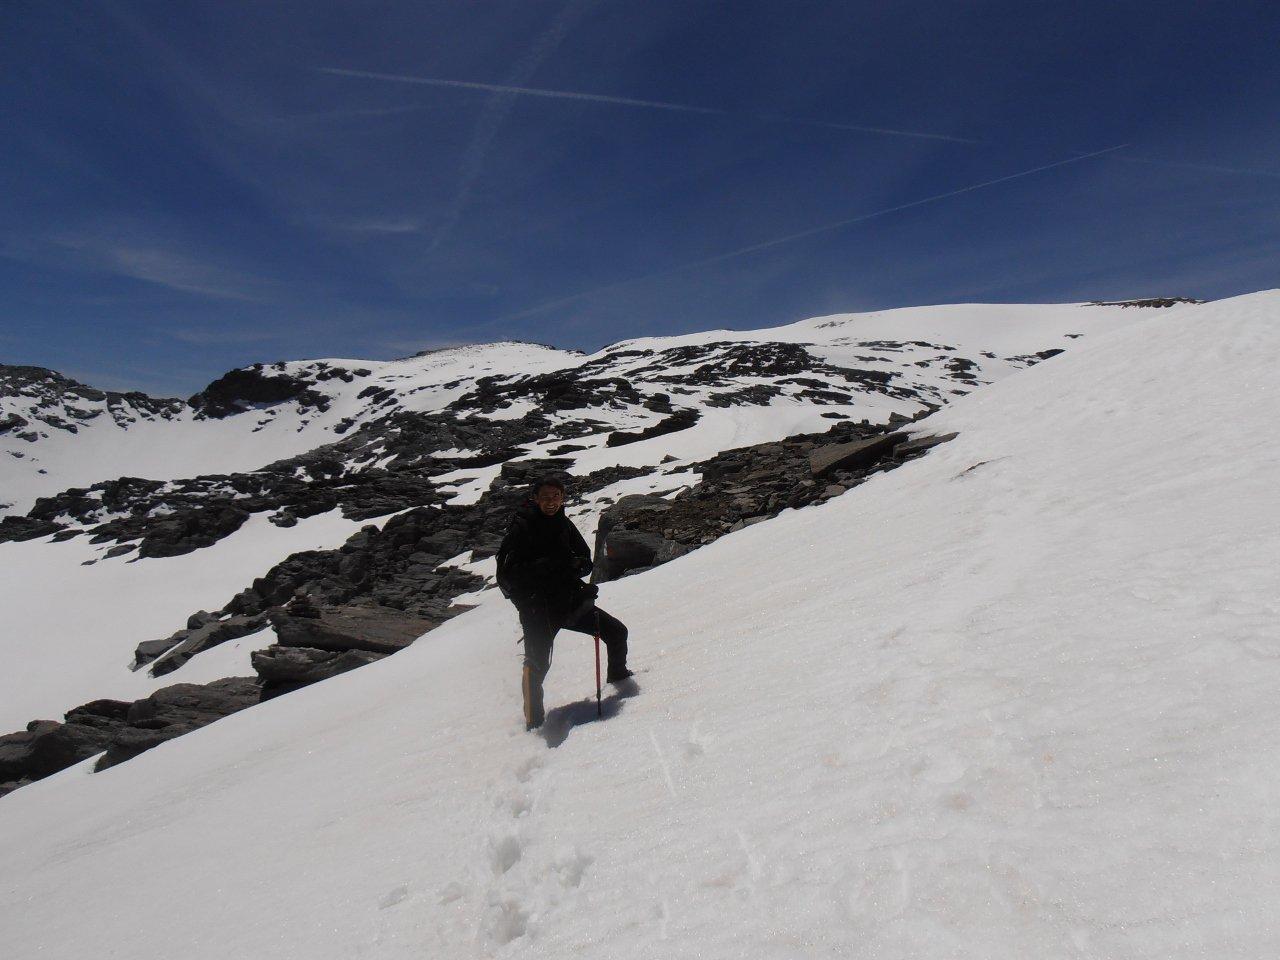 09 - Max sulla cresta in discesa